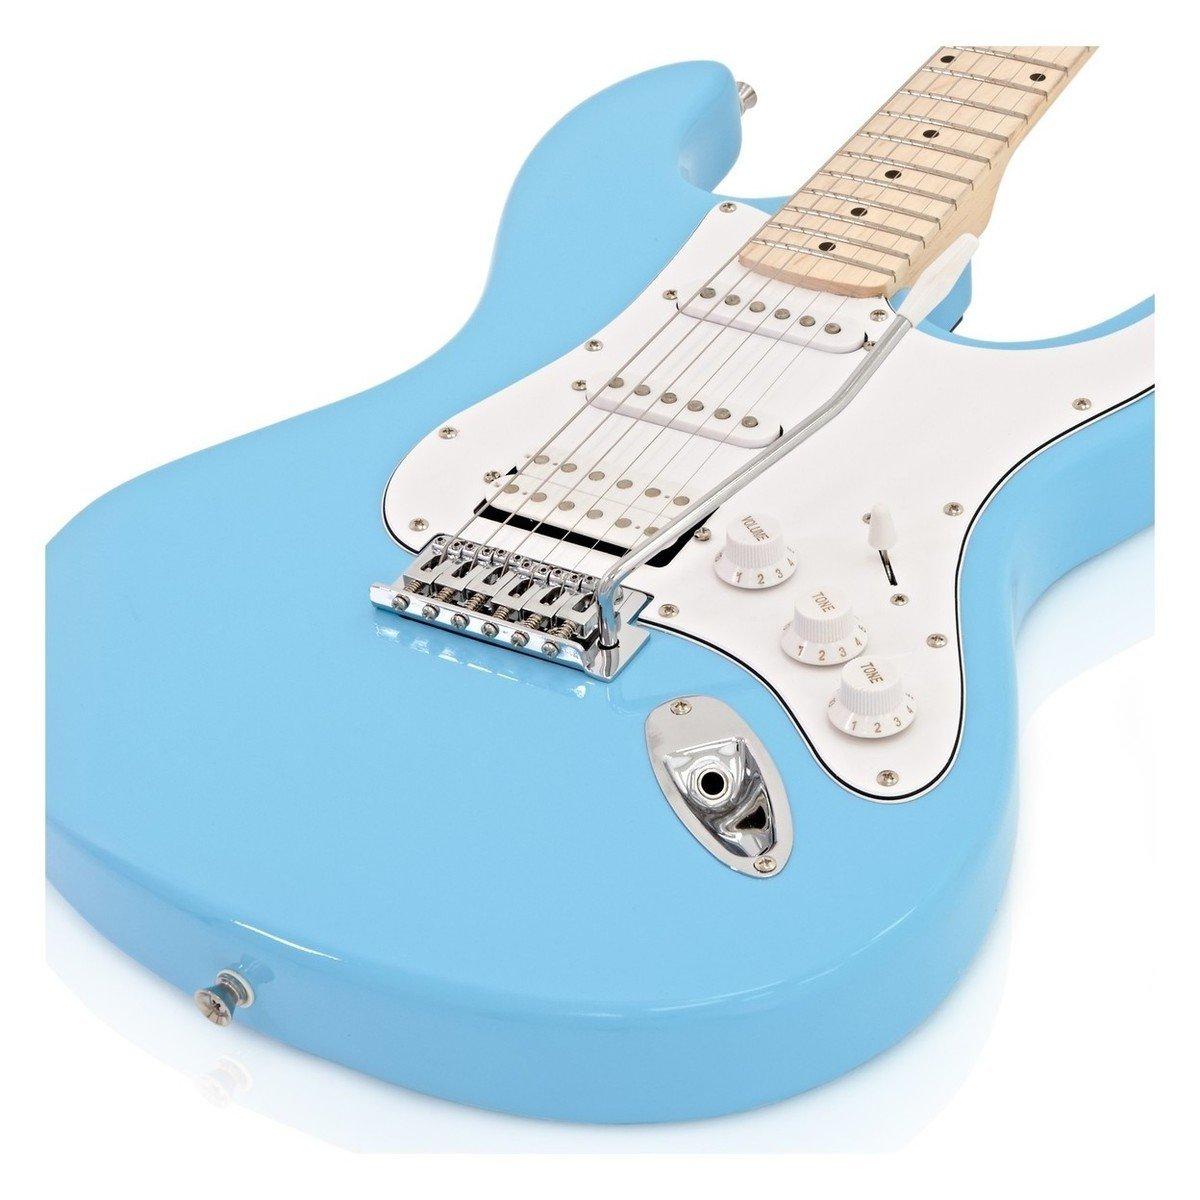 LA II Electric Guitar HSS + Amplificador Sky Blue: Amazon.es: Instrumentos musicales